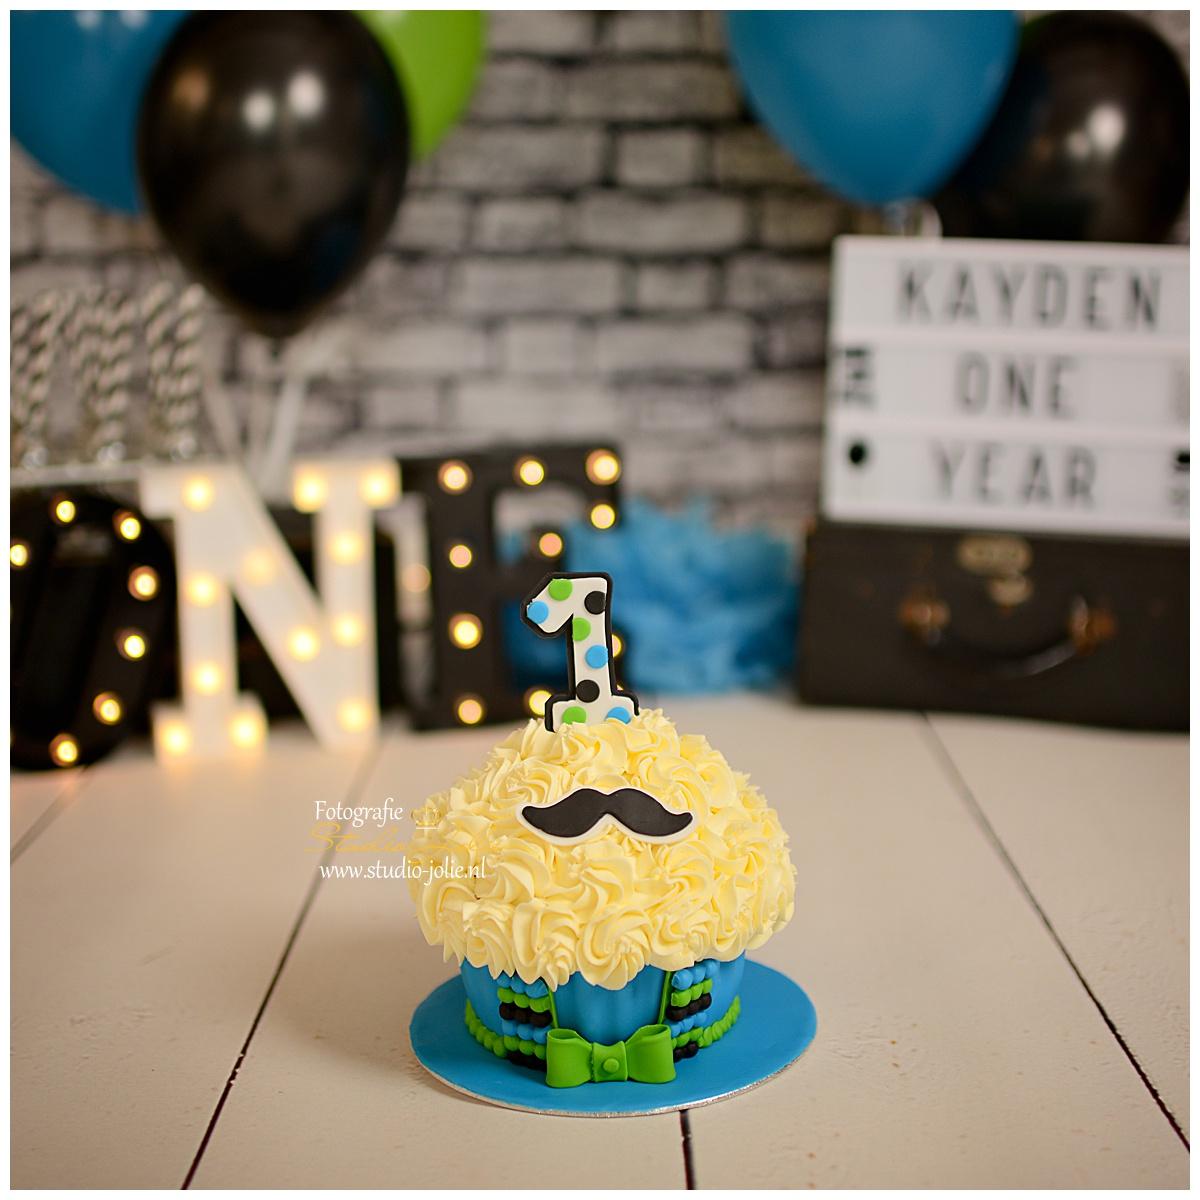 cupcake little men cakesmash.jpg